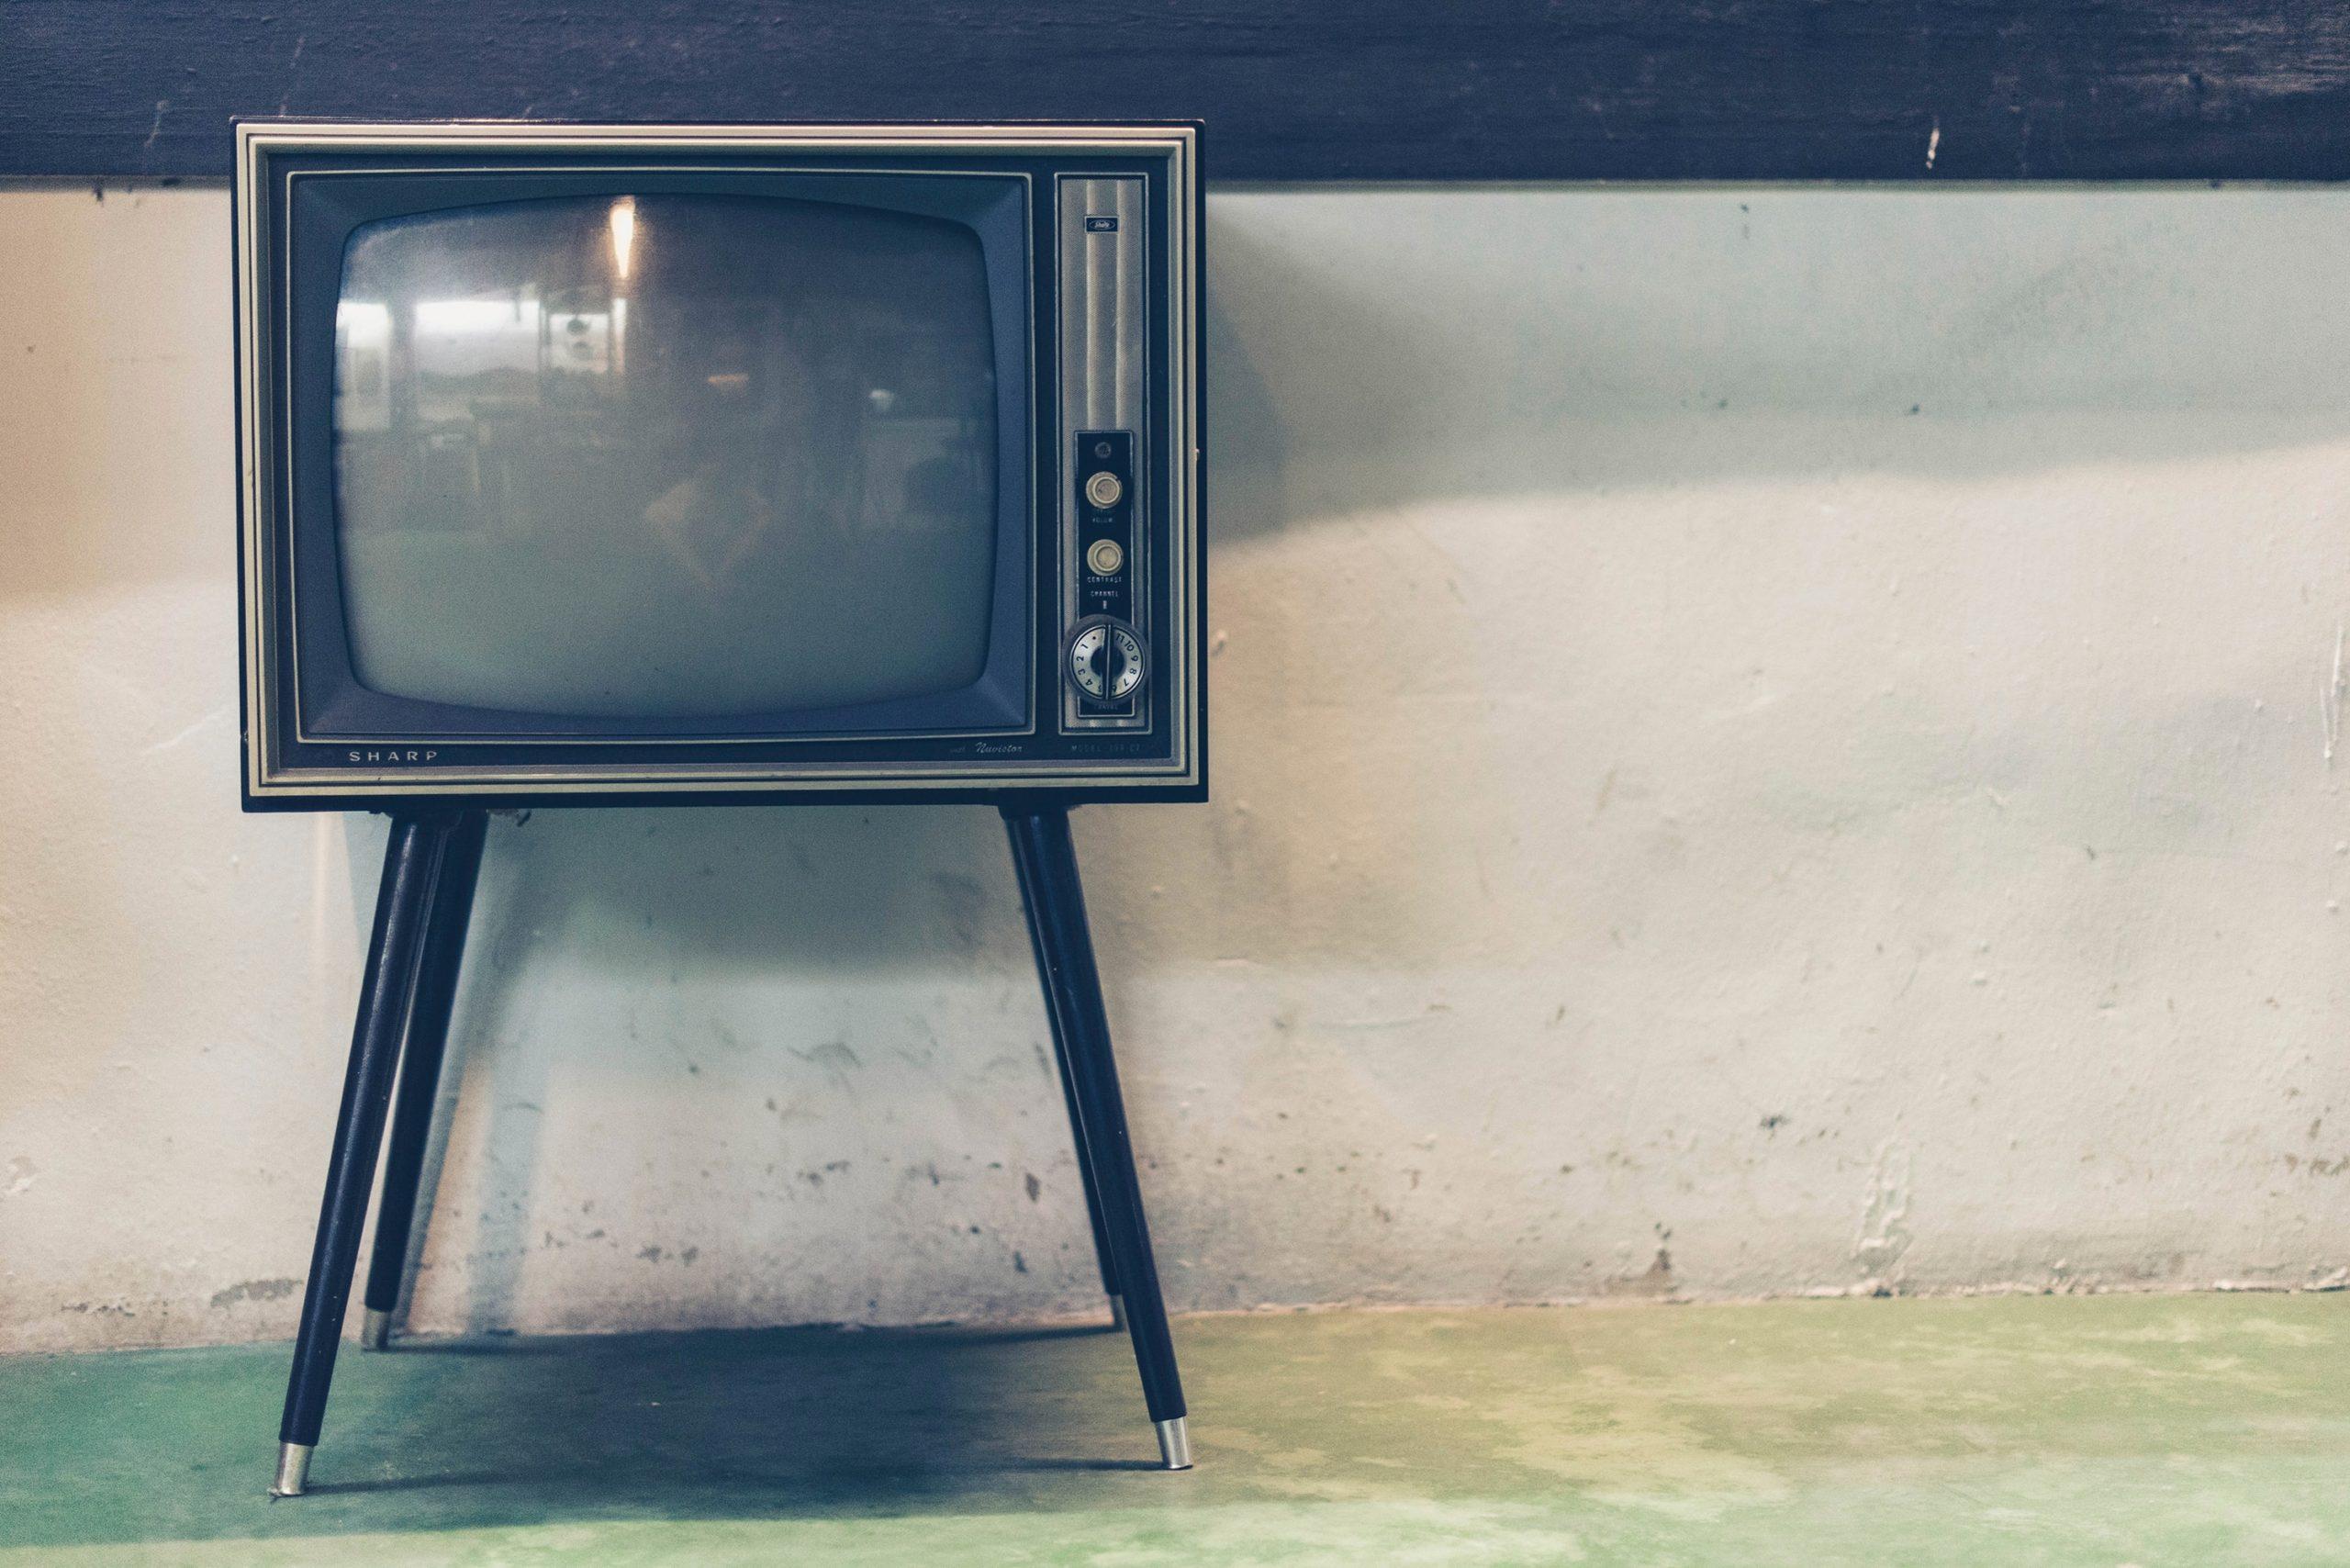 ¿Cómo ha evolucionado la televisión?